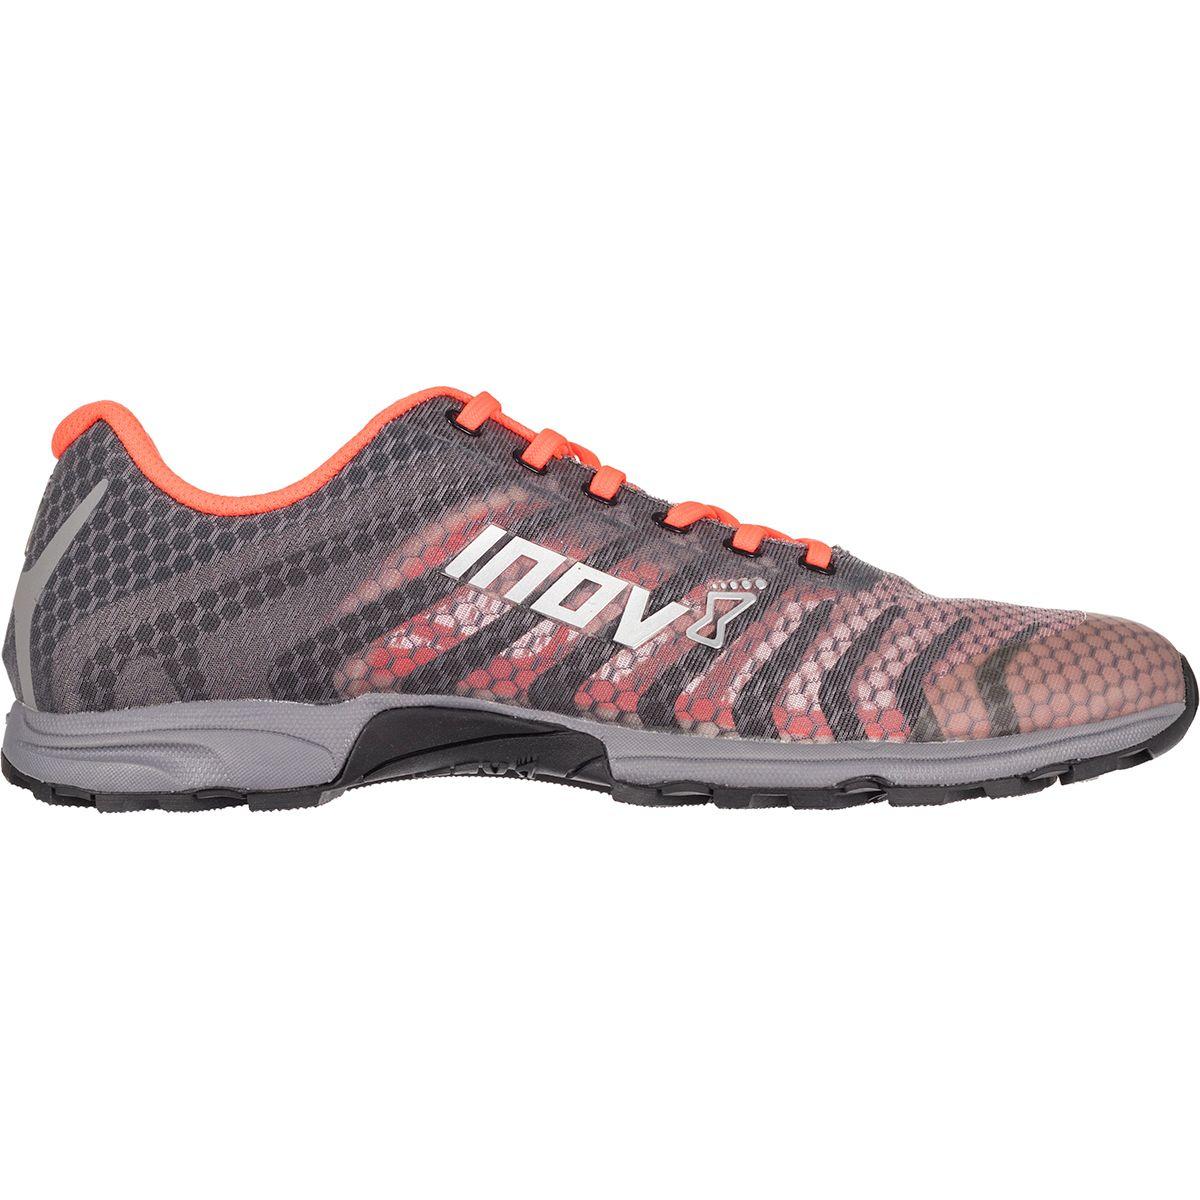 photo: Inov-8 Women's F-Lite 195 trail running shoe